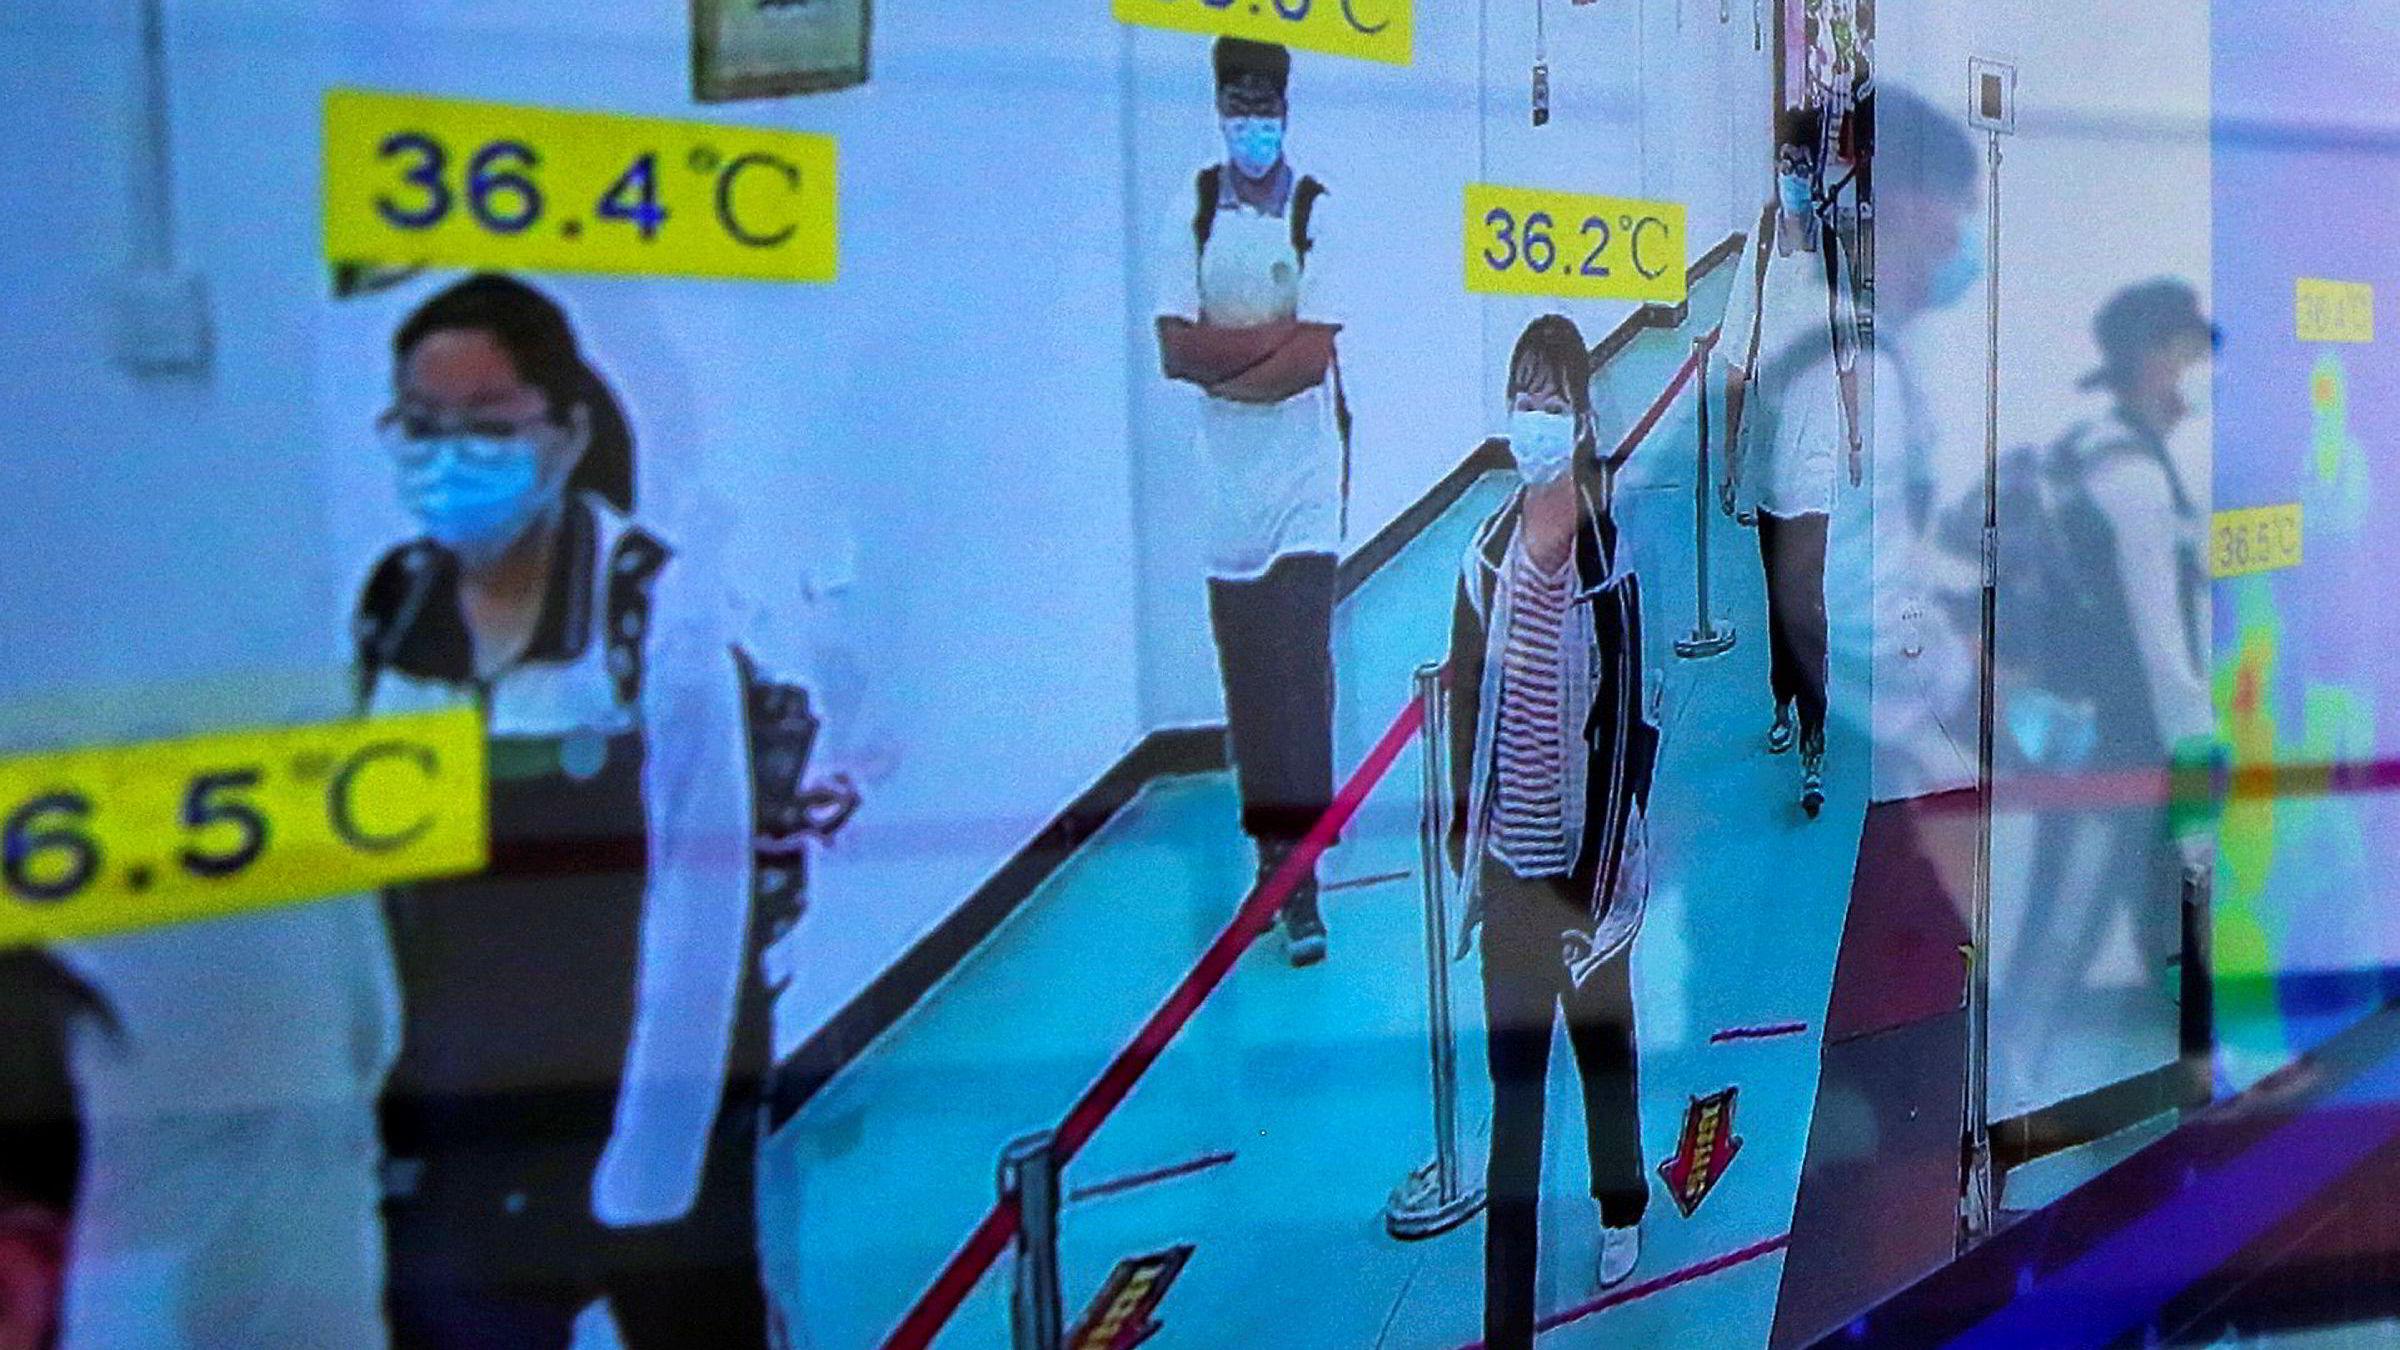 Elever ved ungdomsskolen i Wuhan 6. mai skannes automatiske for å avsløre feber eller mistenkelig endring i kroppstemperatur. Nå vil myndighetene teste hele befolkningen i byen for koronavirus